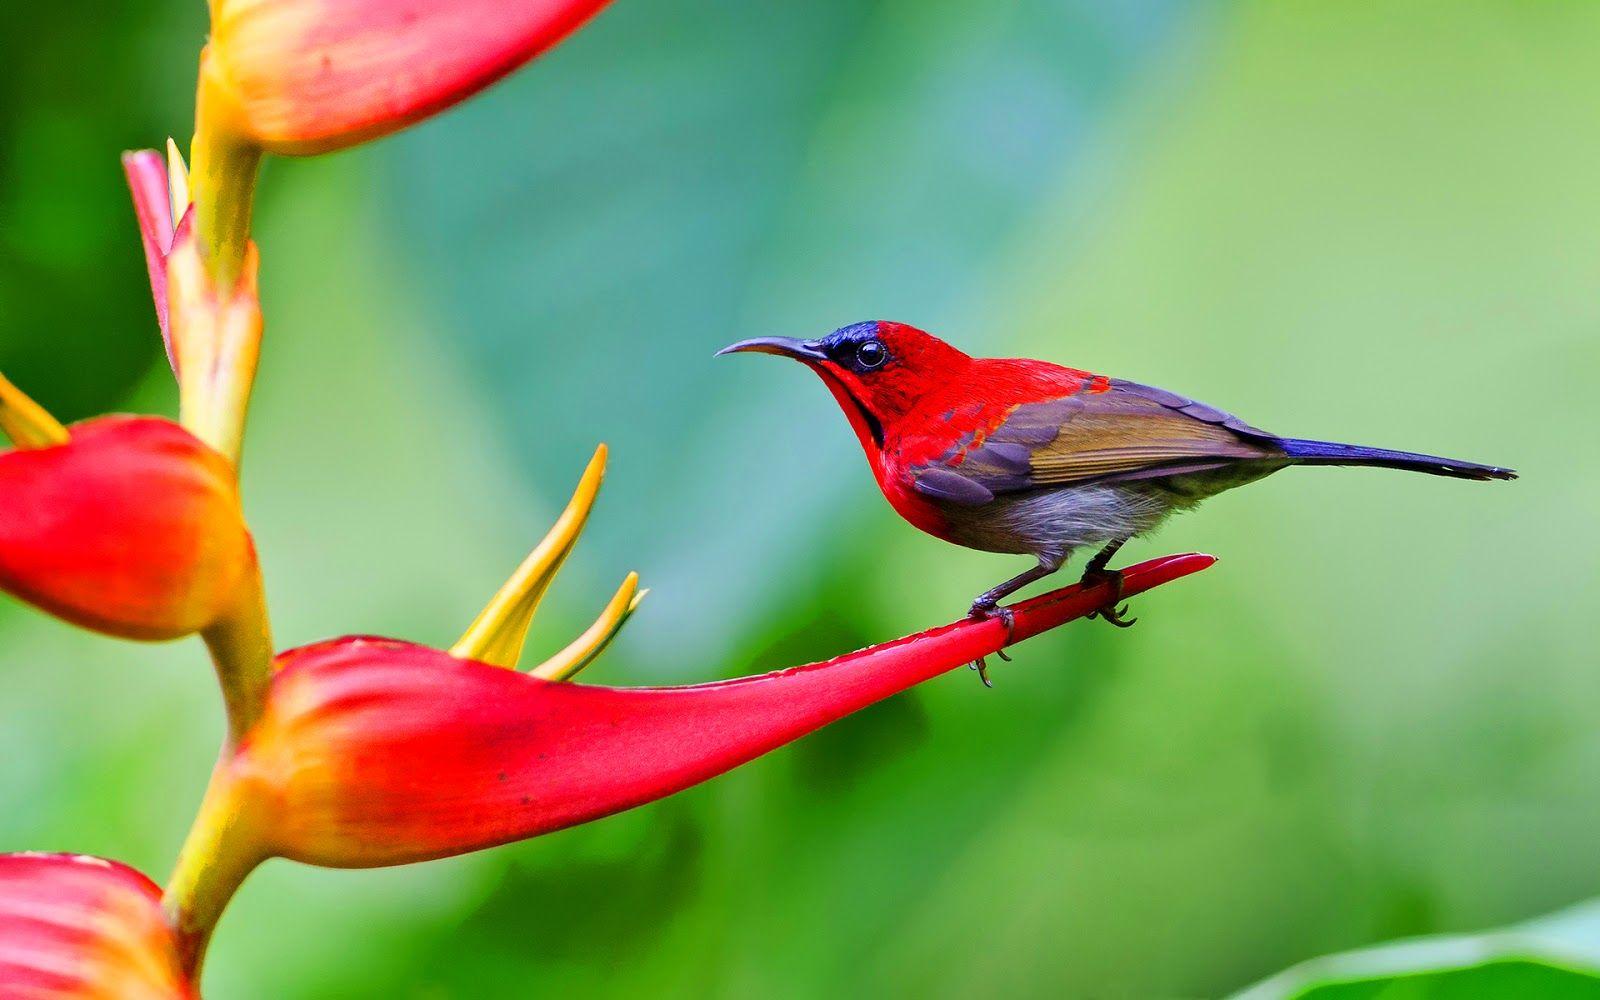 Crimson Sunbird-Singapore National Bird | Birds | Birds ...